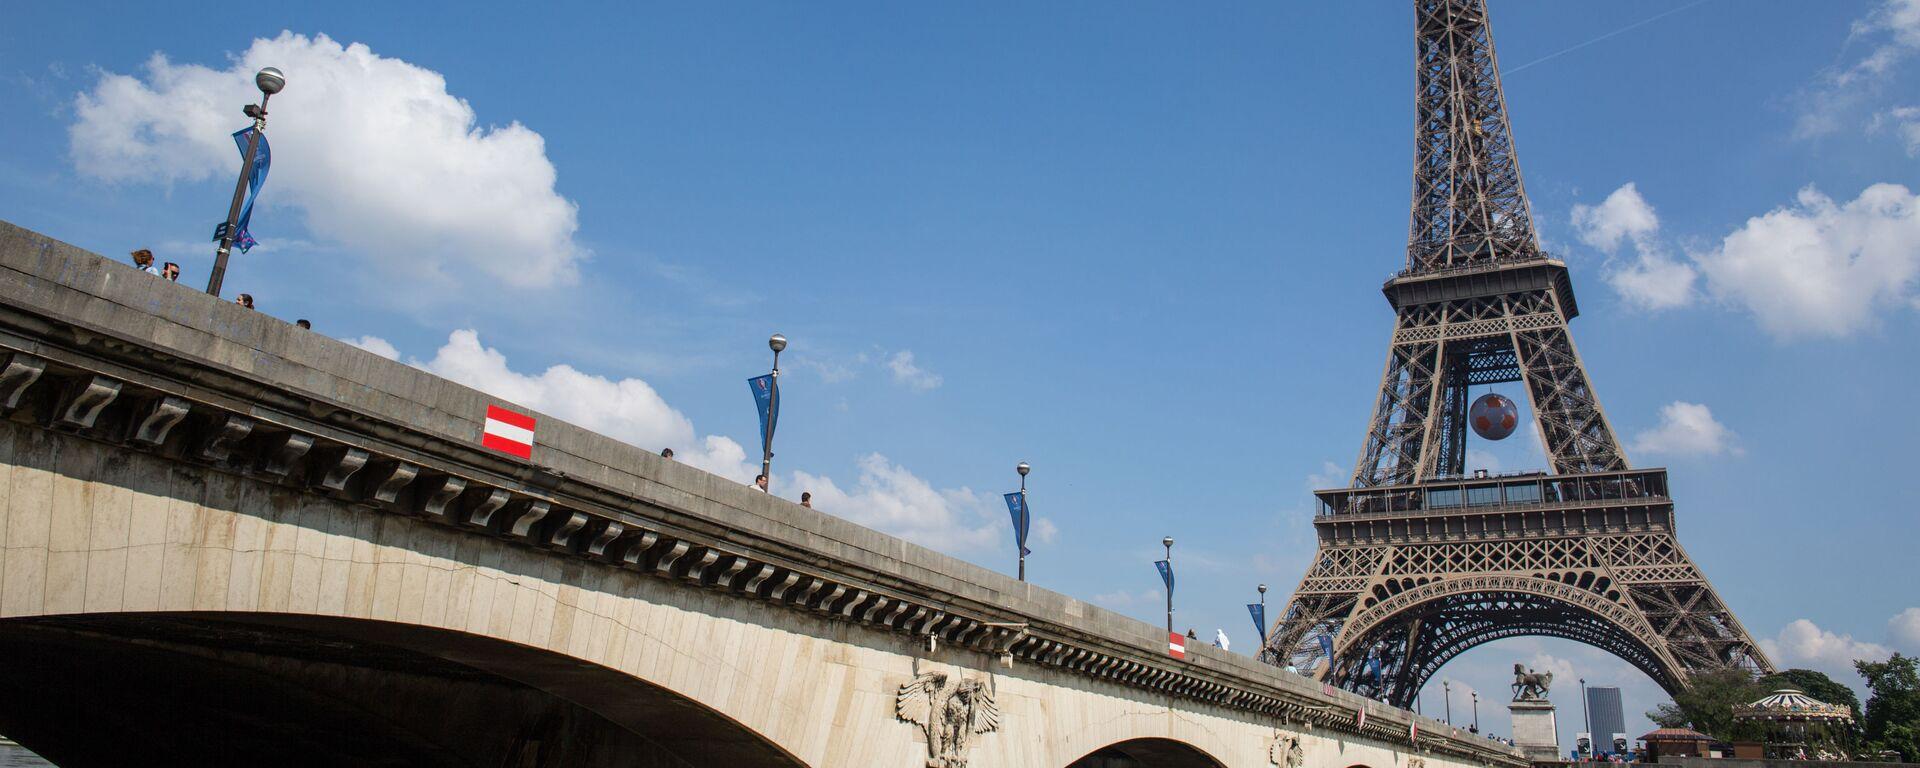 Eiffelova věž - Sputnik Česká republika, 1920, 14.07.2021